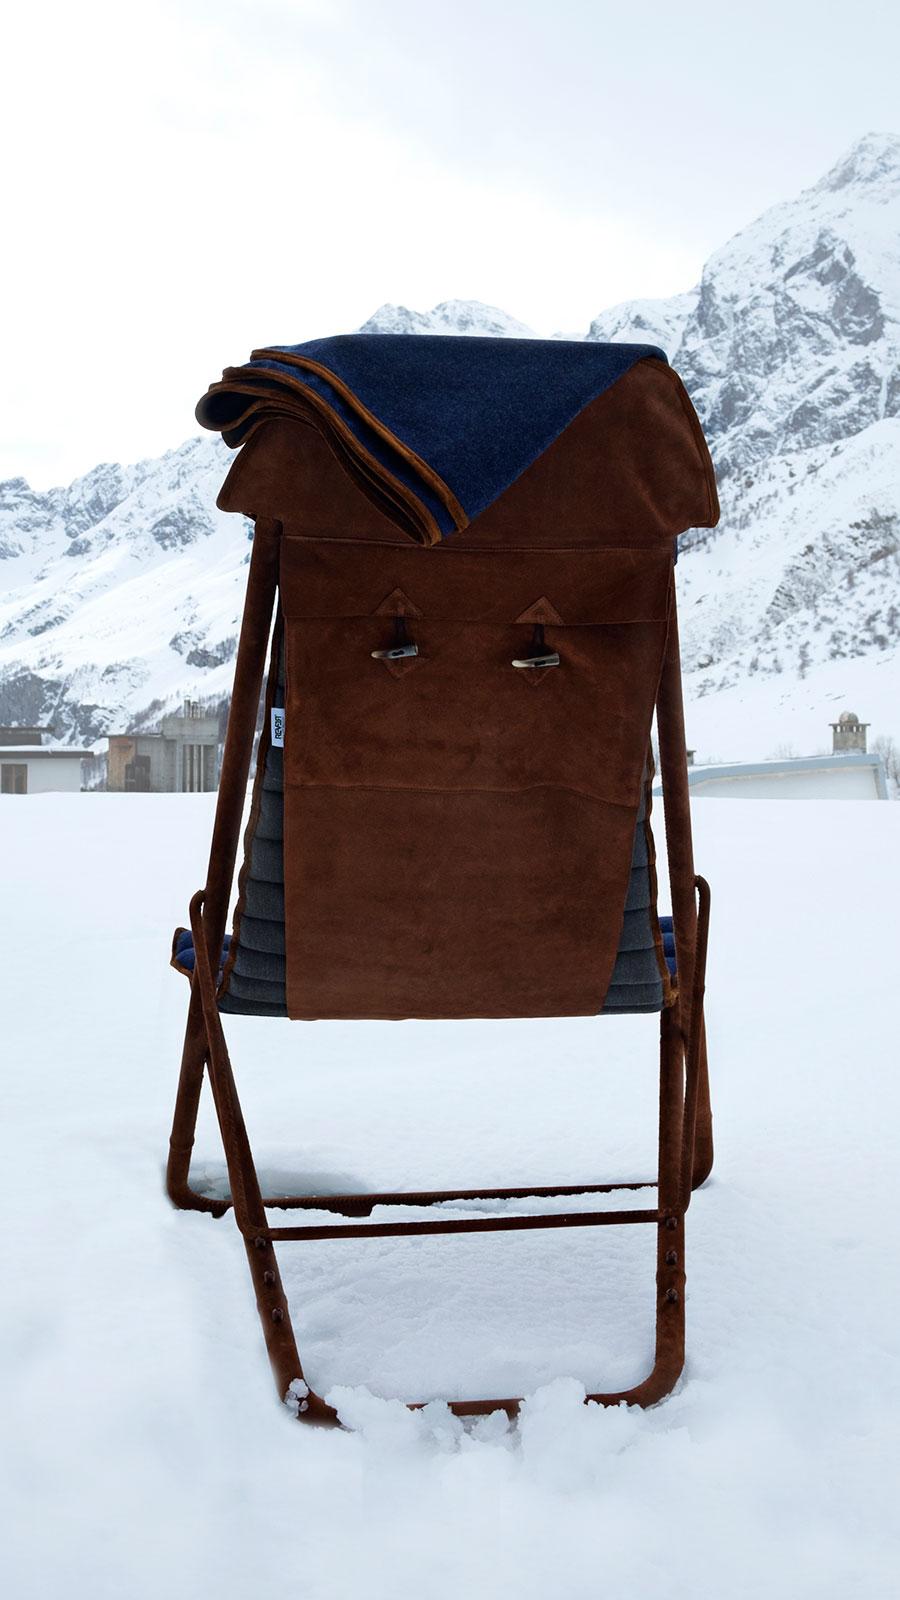 Ideale per un lussuoso chalet di montagna. Sdraio concepita da Umberto Radice con acciaio, pelle scamosciata e cashmere blu. Consegna a domicilio.